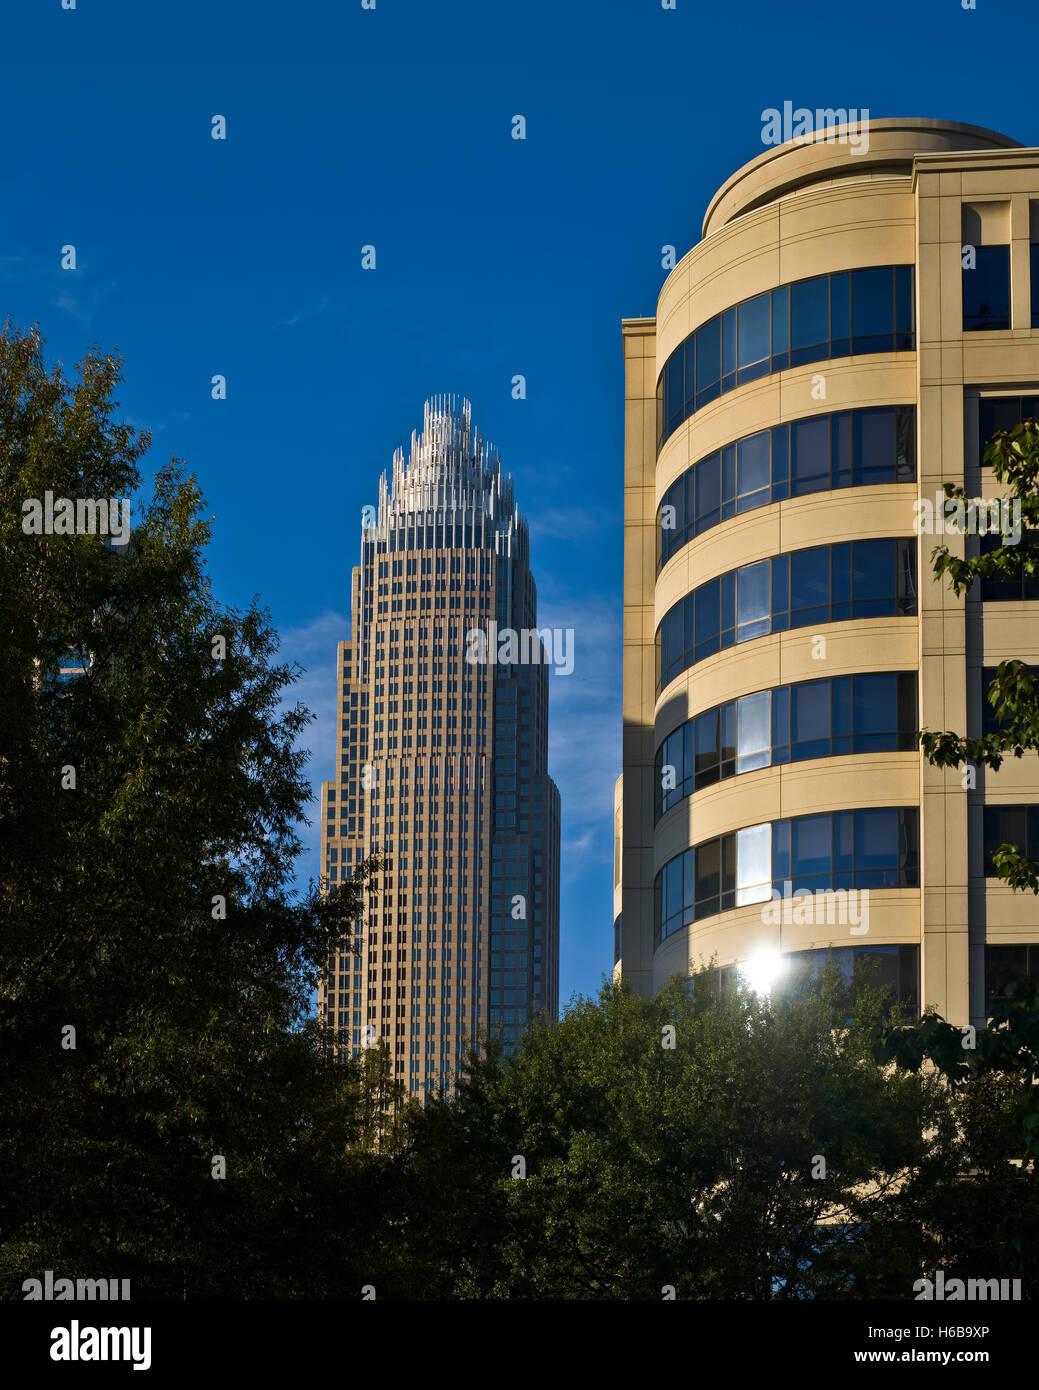 Architektur, Gebäude in der Stadt Charlotte, NC Stockfoto